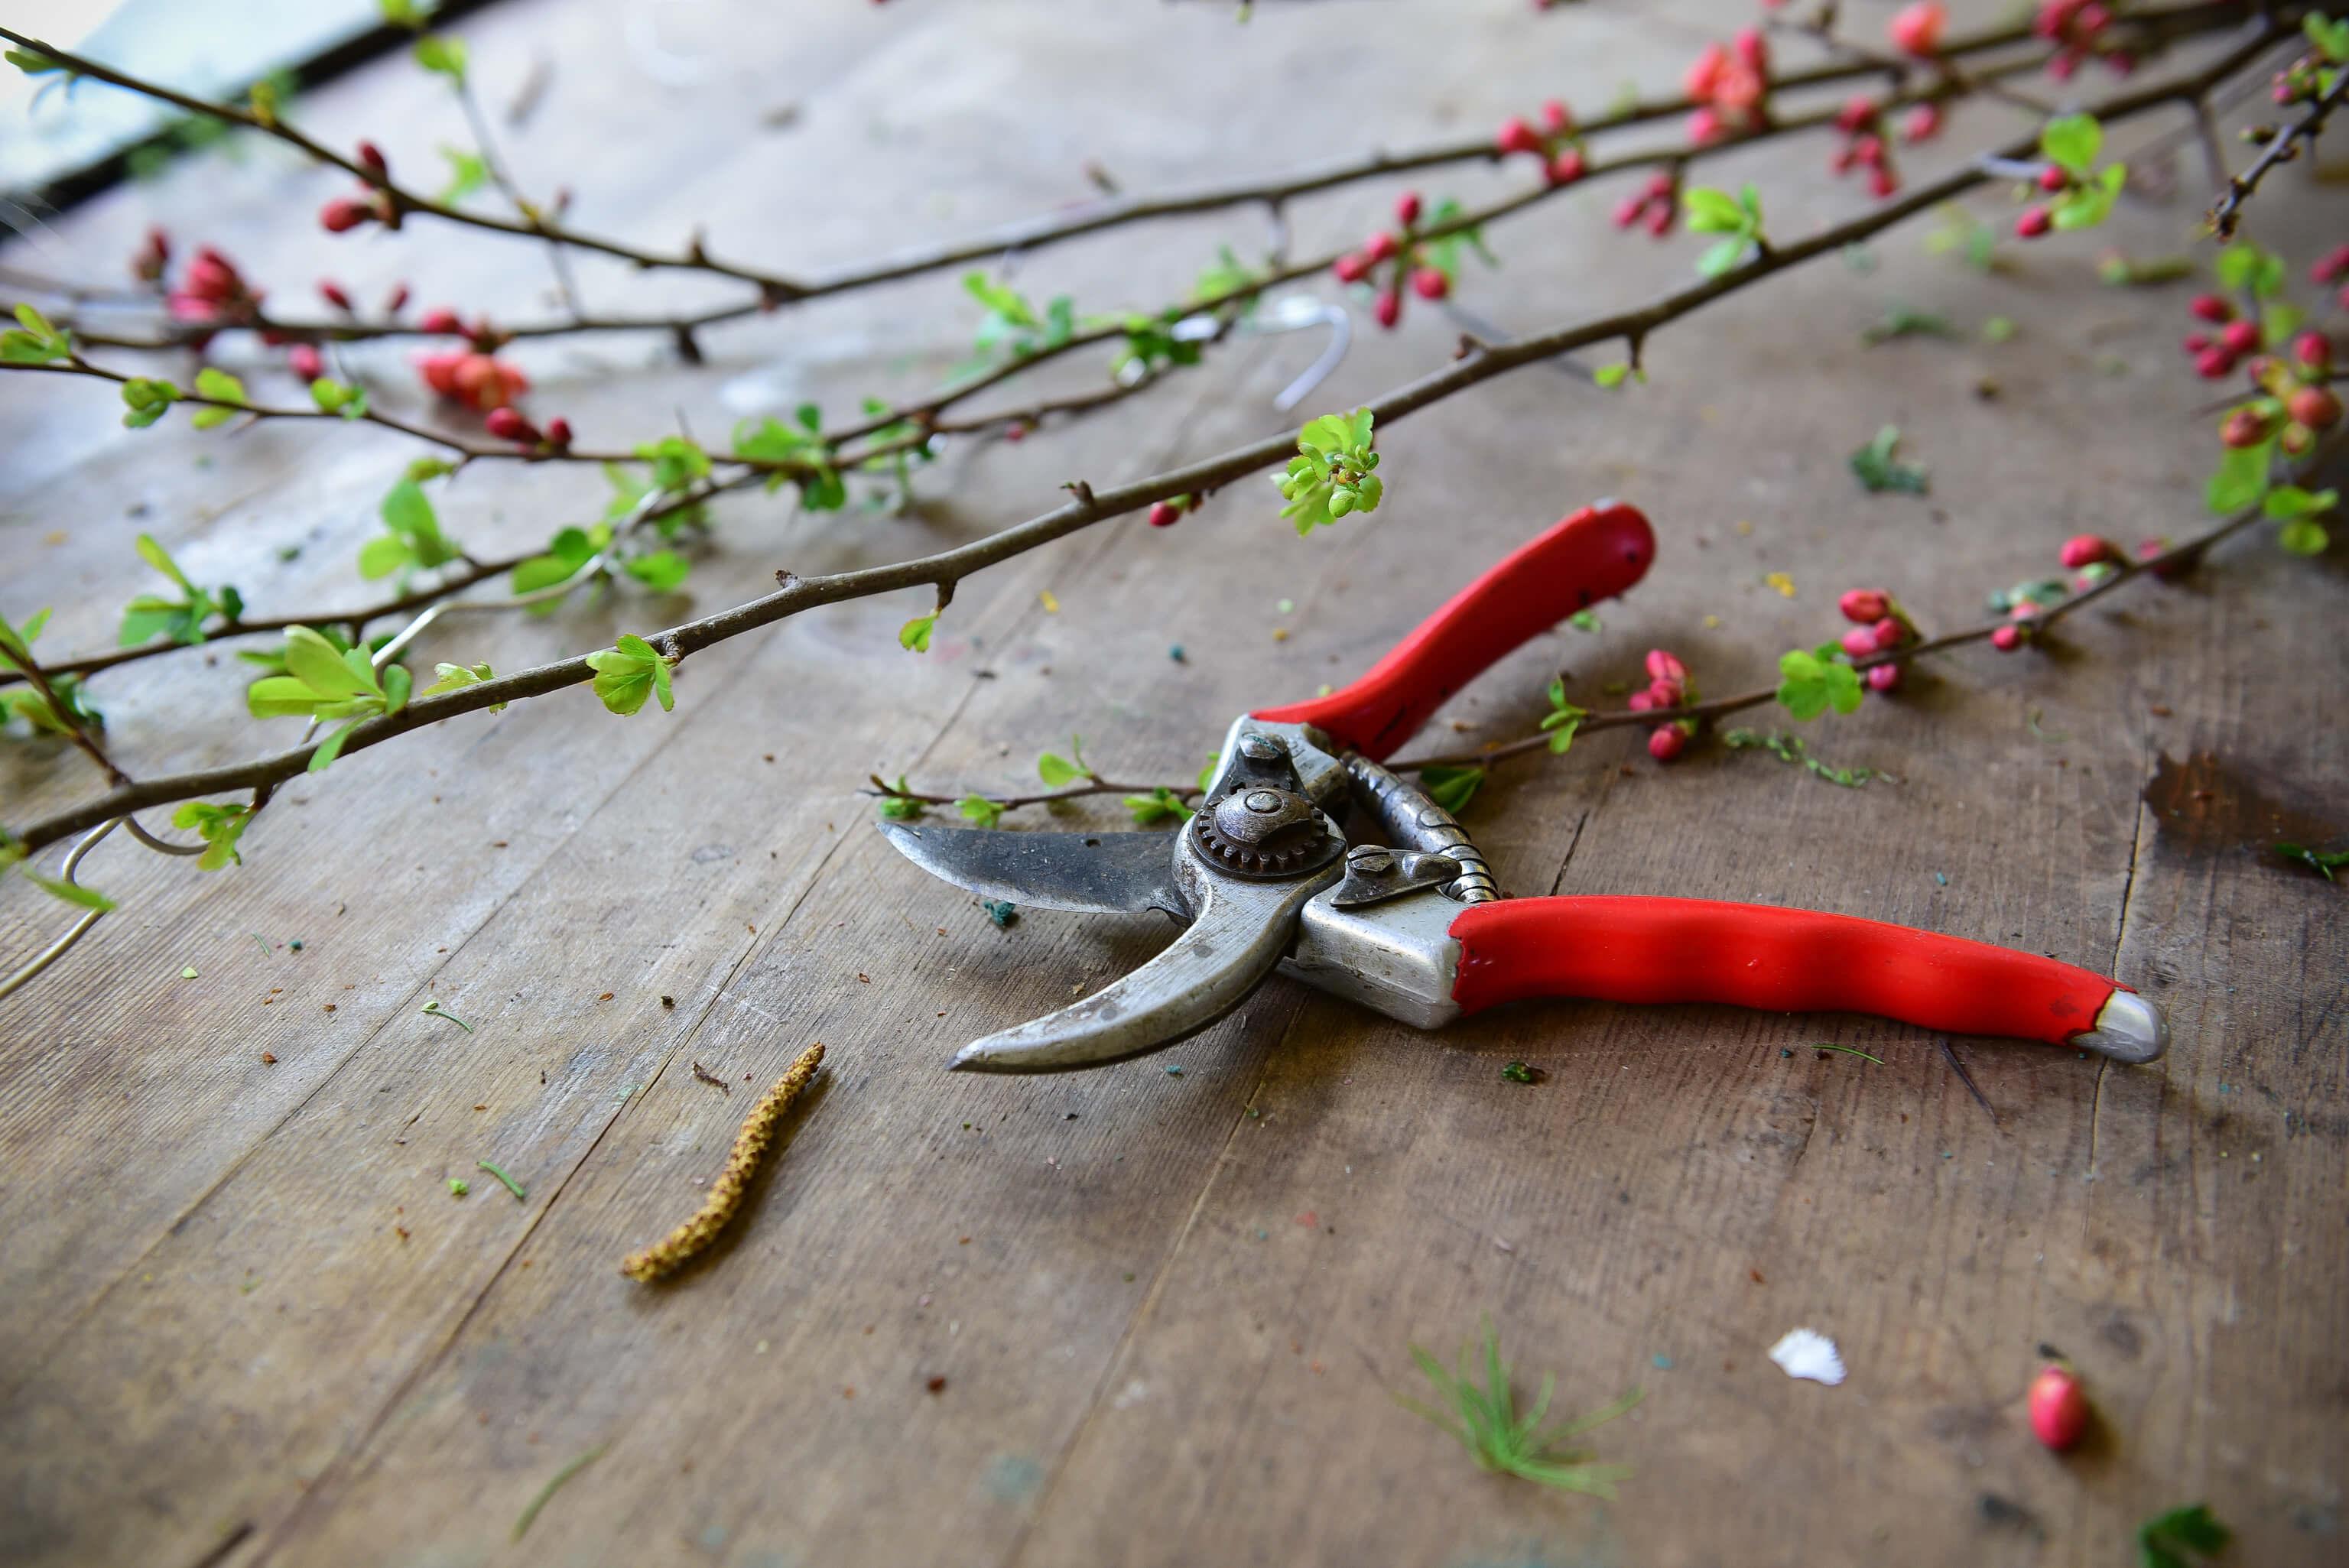 Gaertner Und Floristen Am Werk